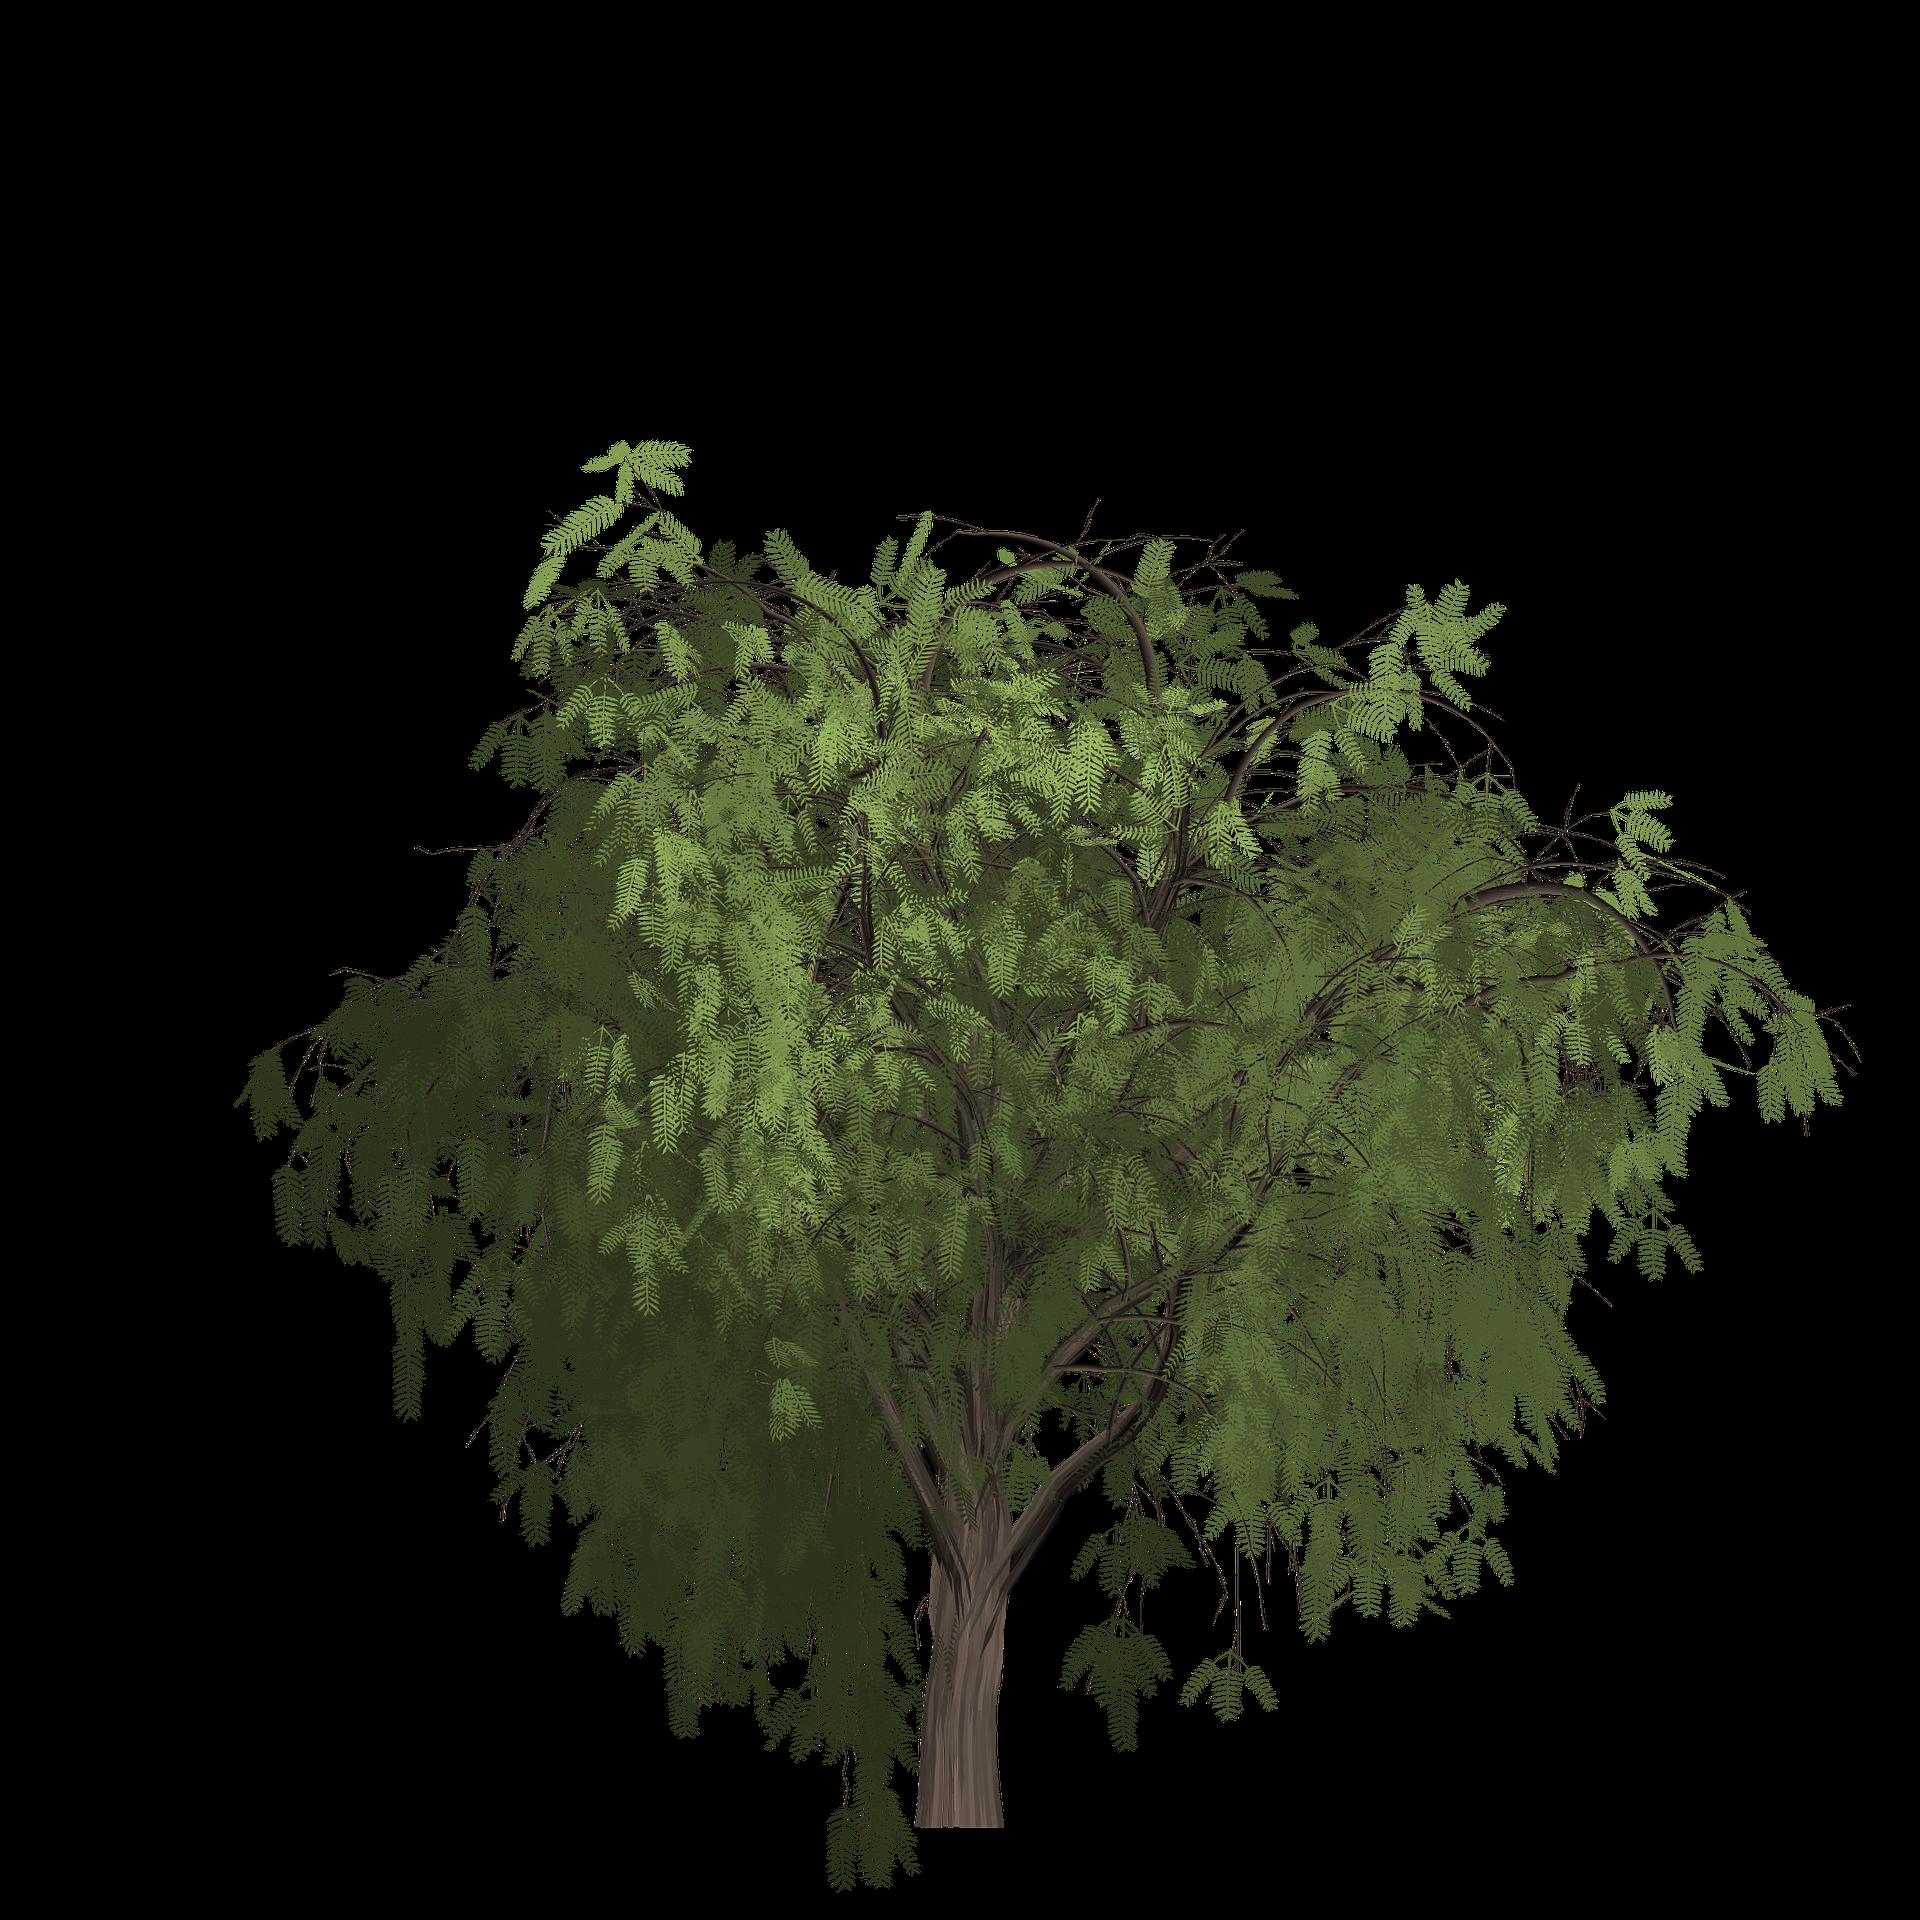 tree sagging